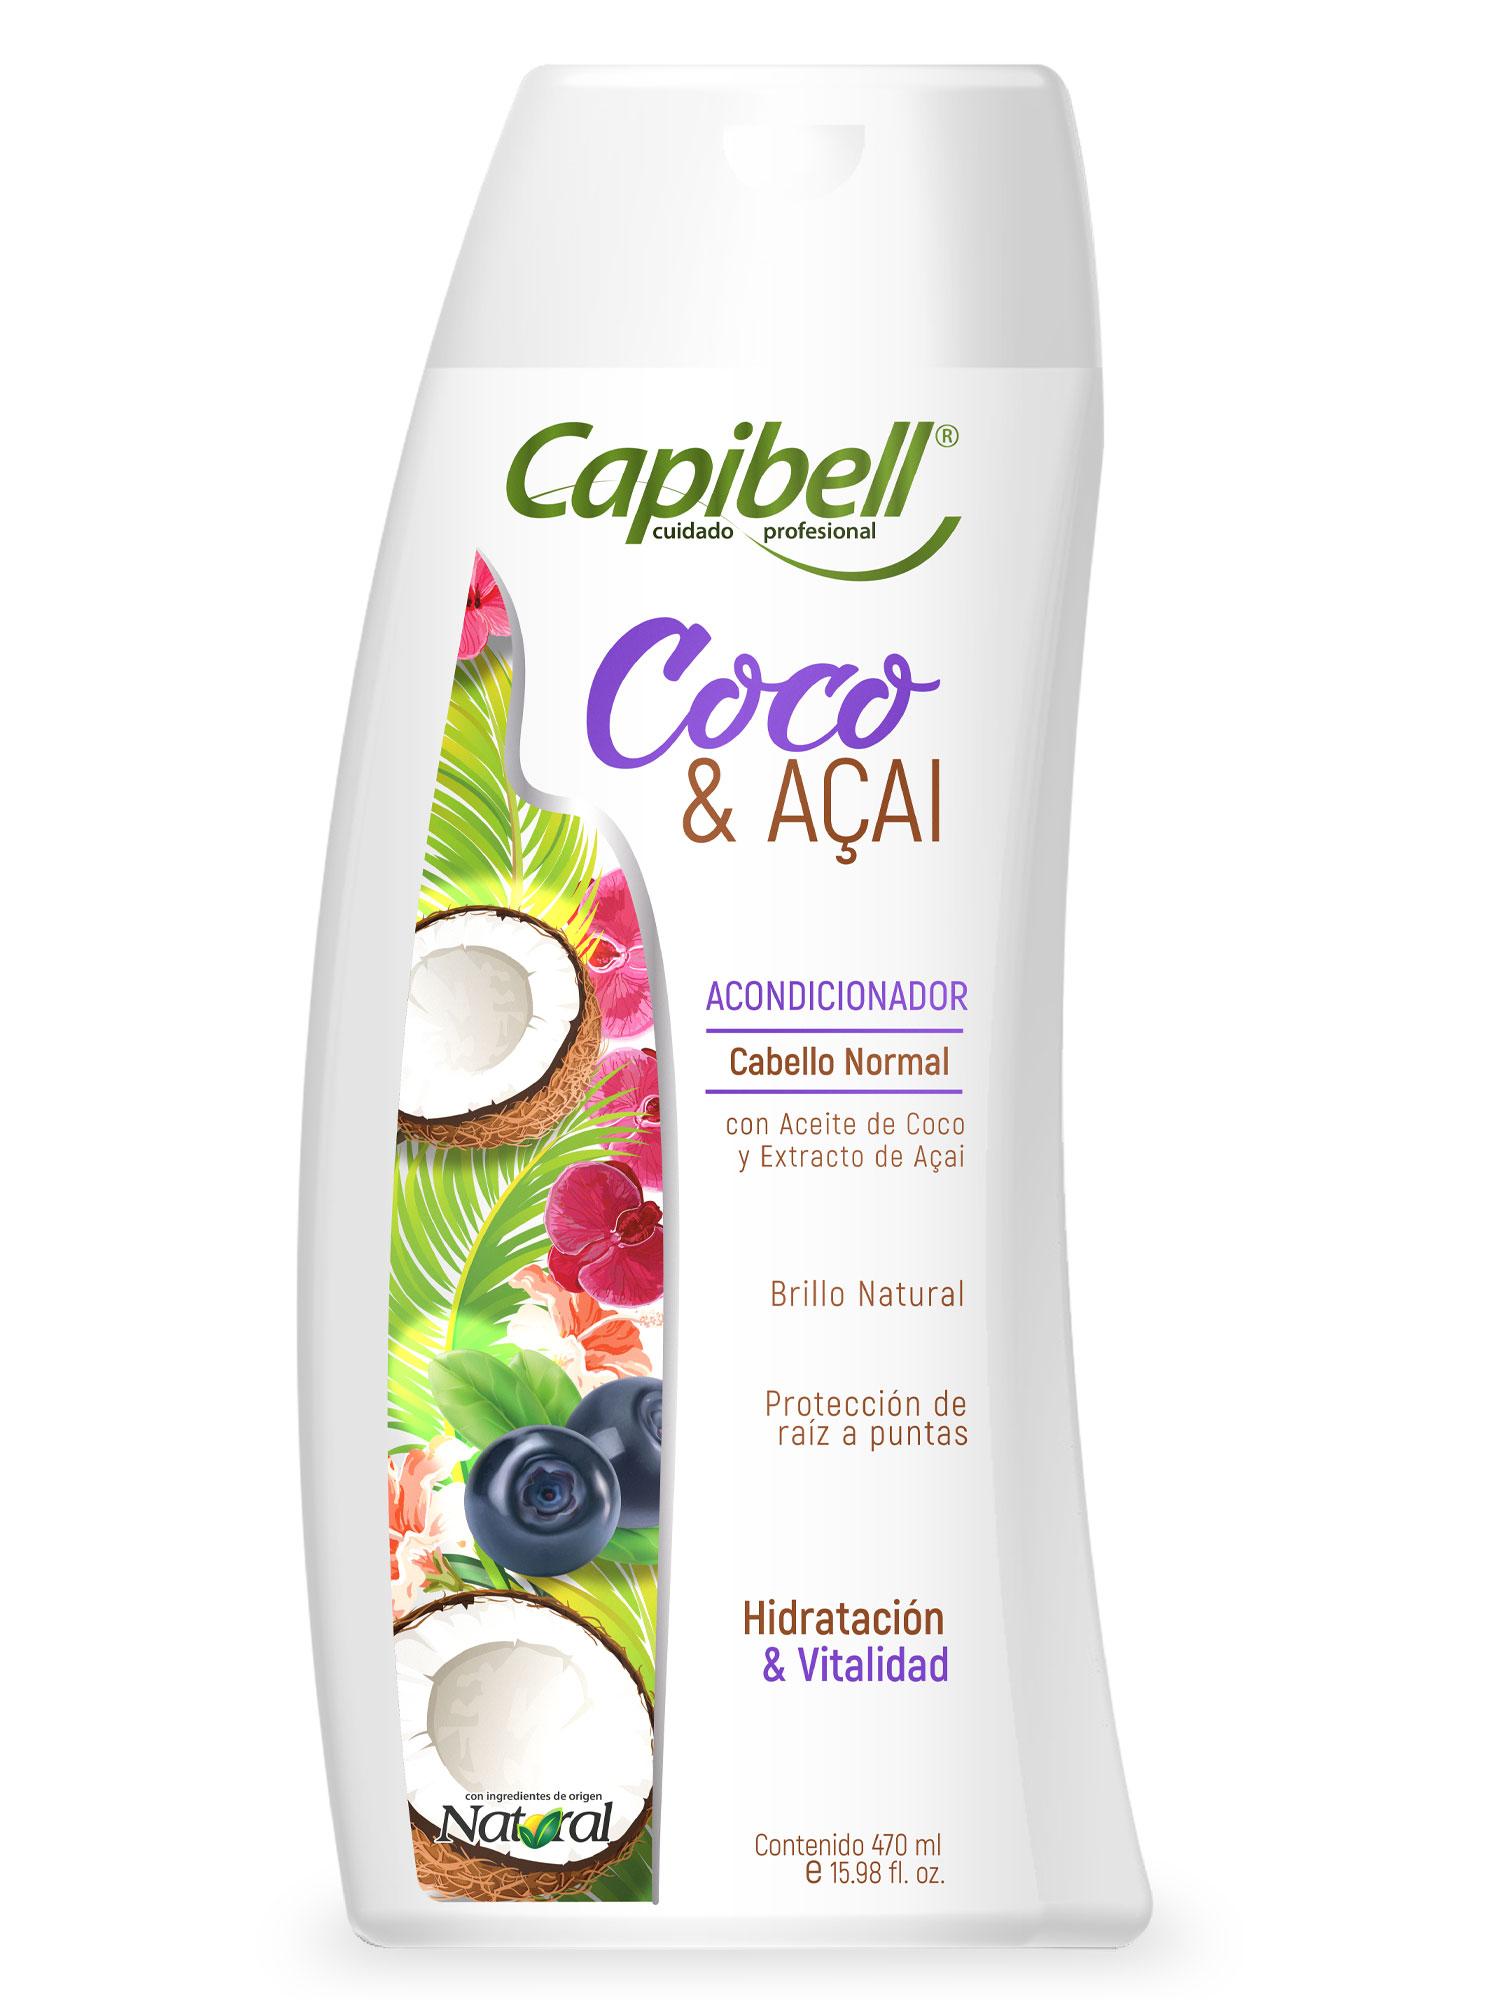 Acondicionador Capibell Coco & Acai 470ml